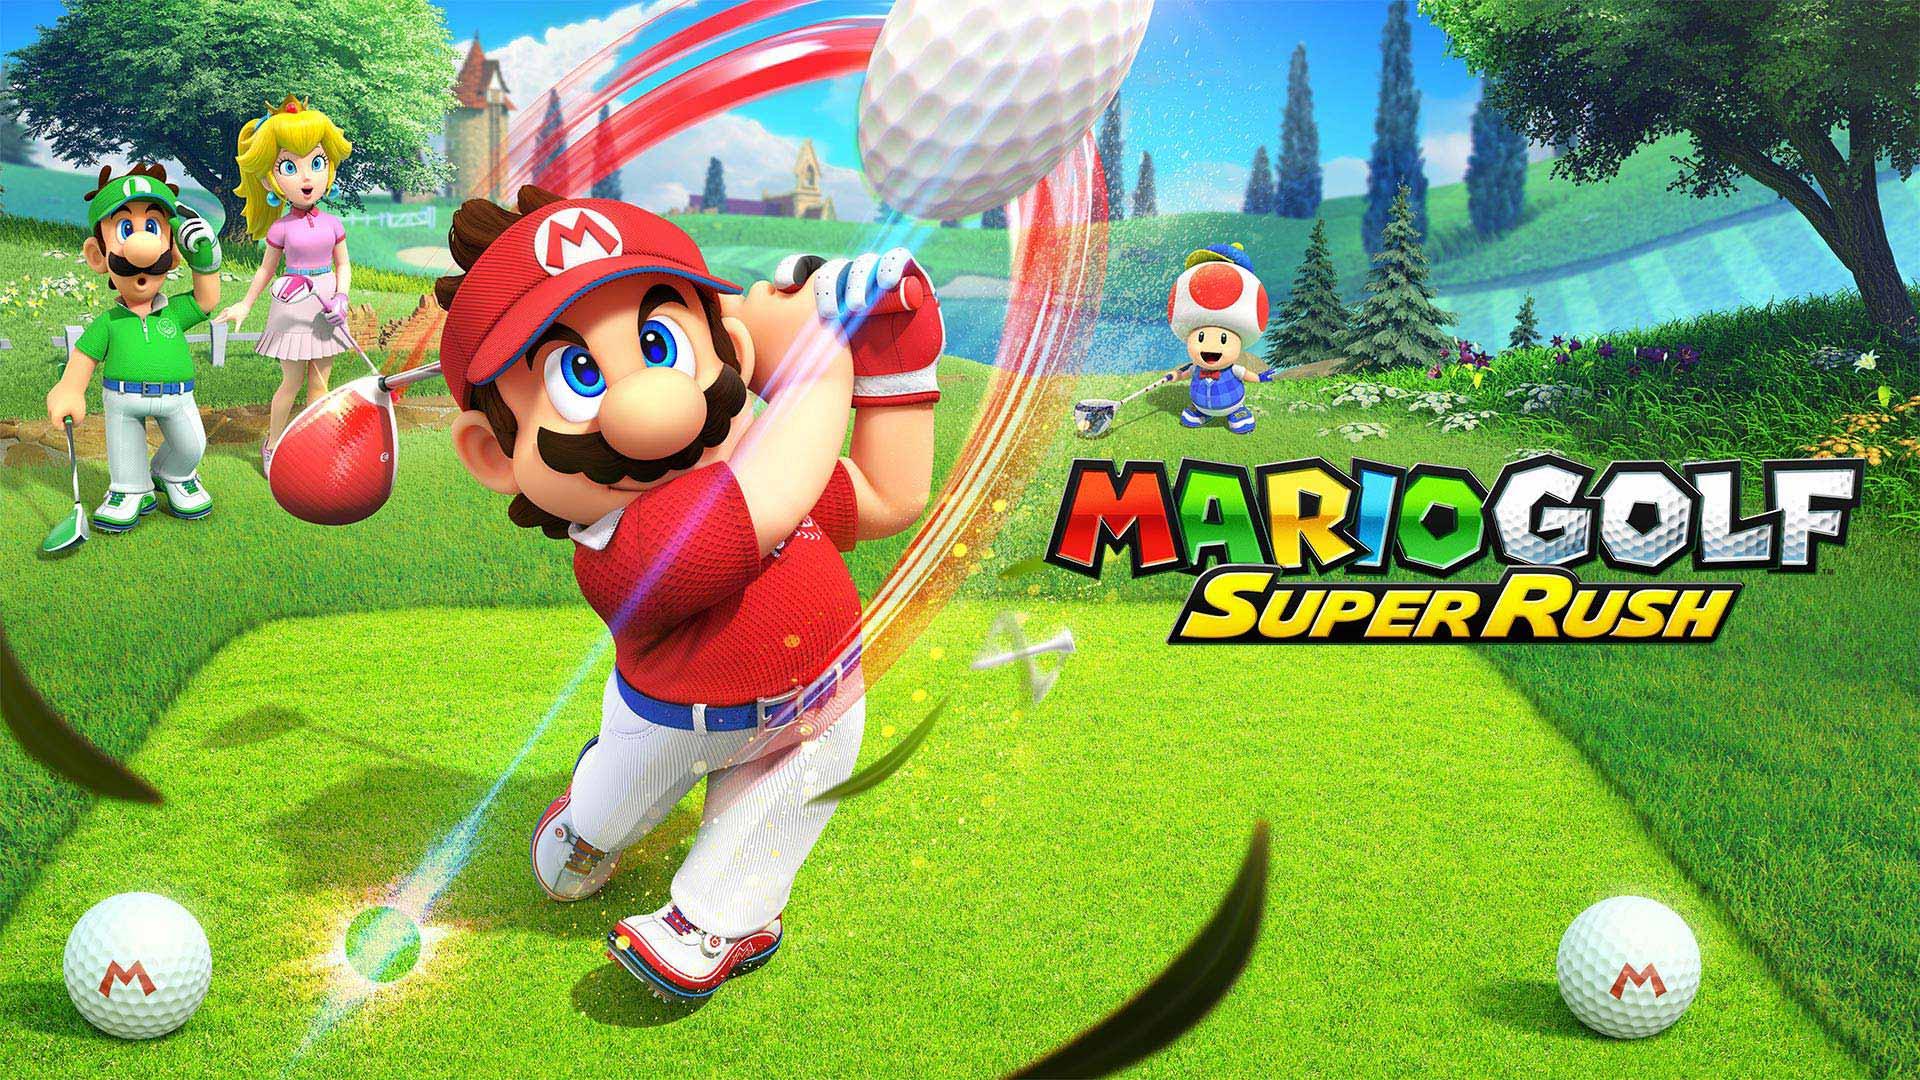 Review: mario golf super rush mescla a magia do mario com o melhor do esporte. Mario golf super rush combina tudo o que o golfe tem de bom e traz também o melhor dos poderes especiais do universo do mario em uma boa mistura